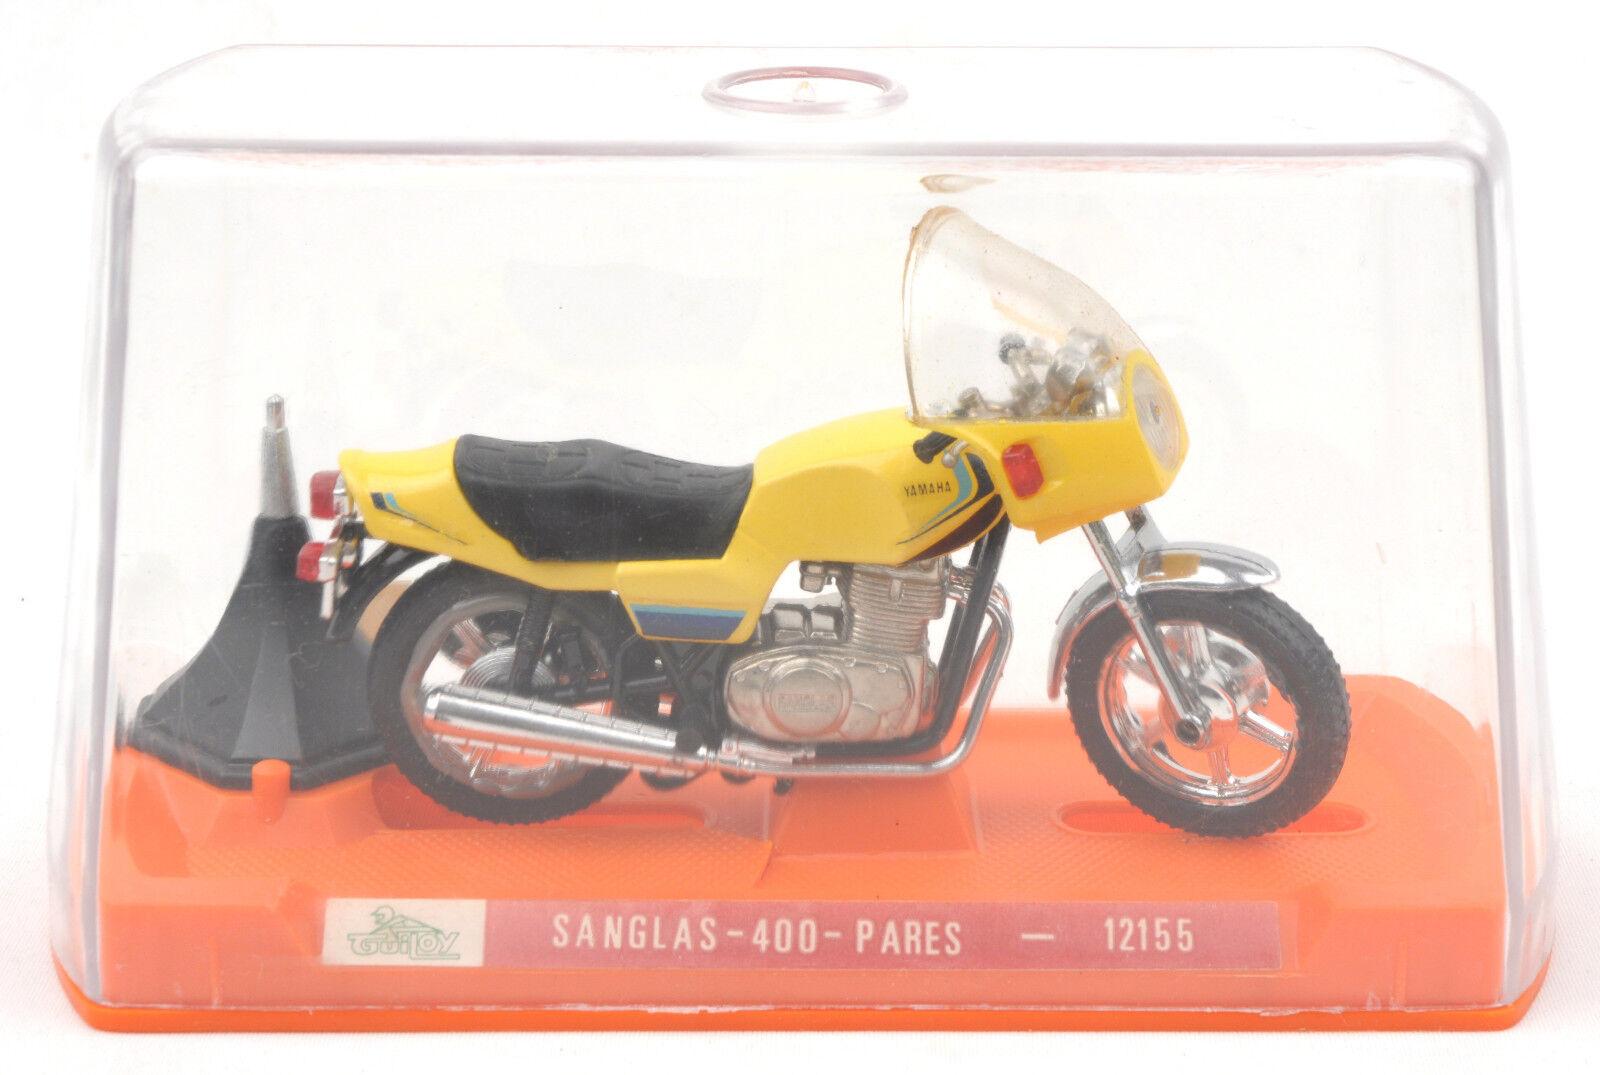 Vintage Guiloy (Spain) 1 18 Yamaha Sanglas 400 Pares Ref.12155 MIB